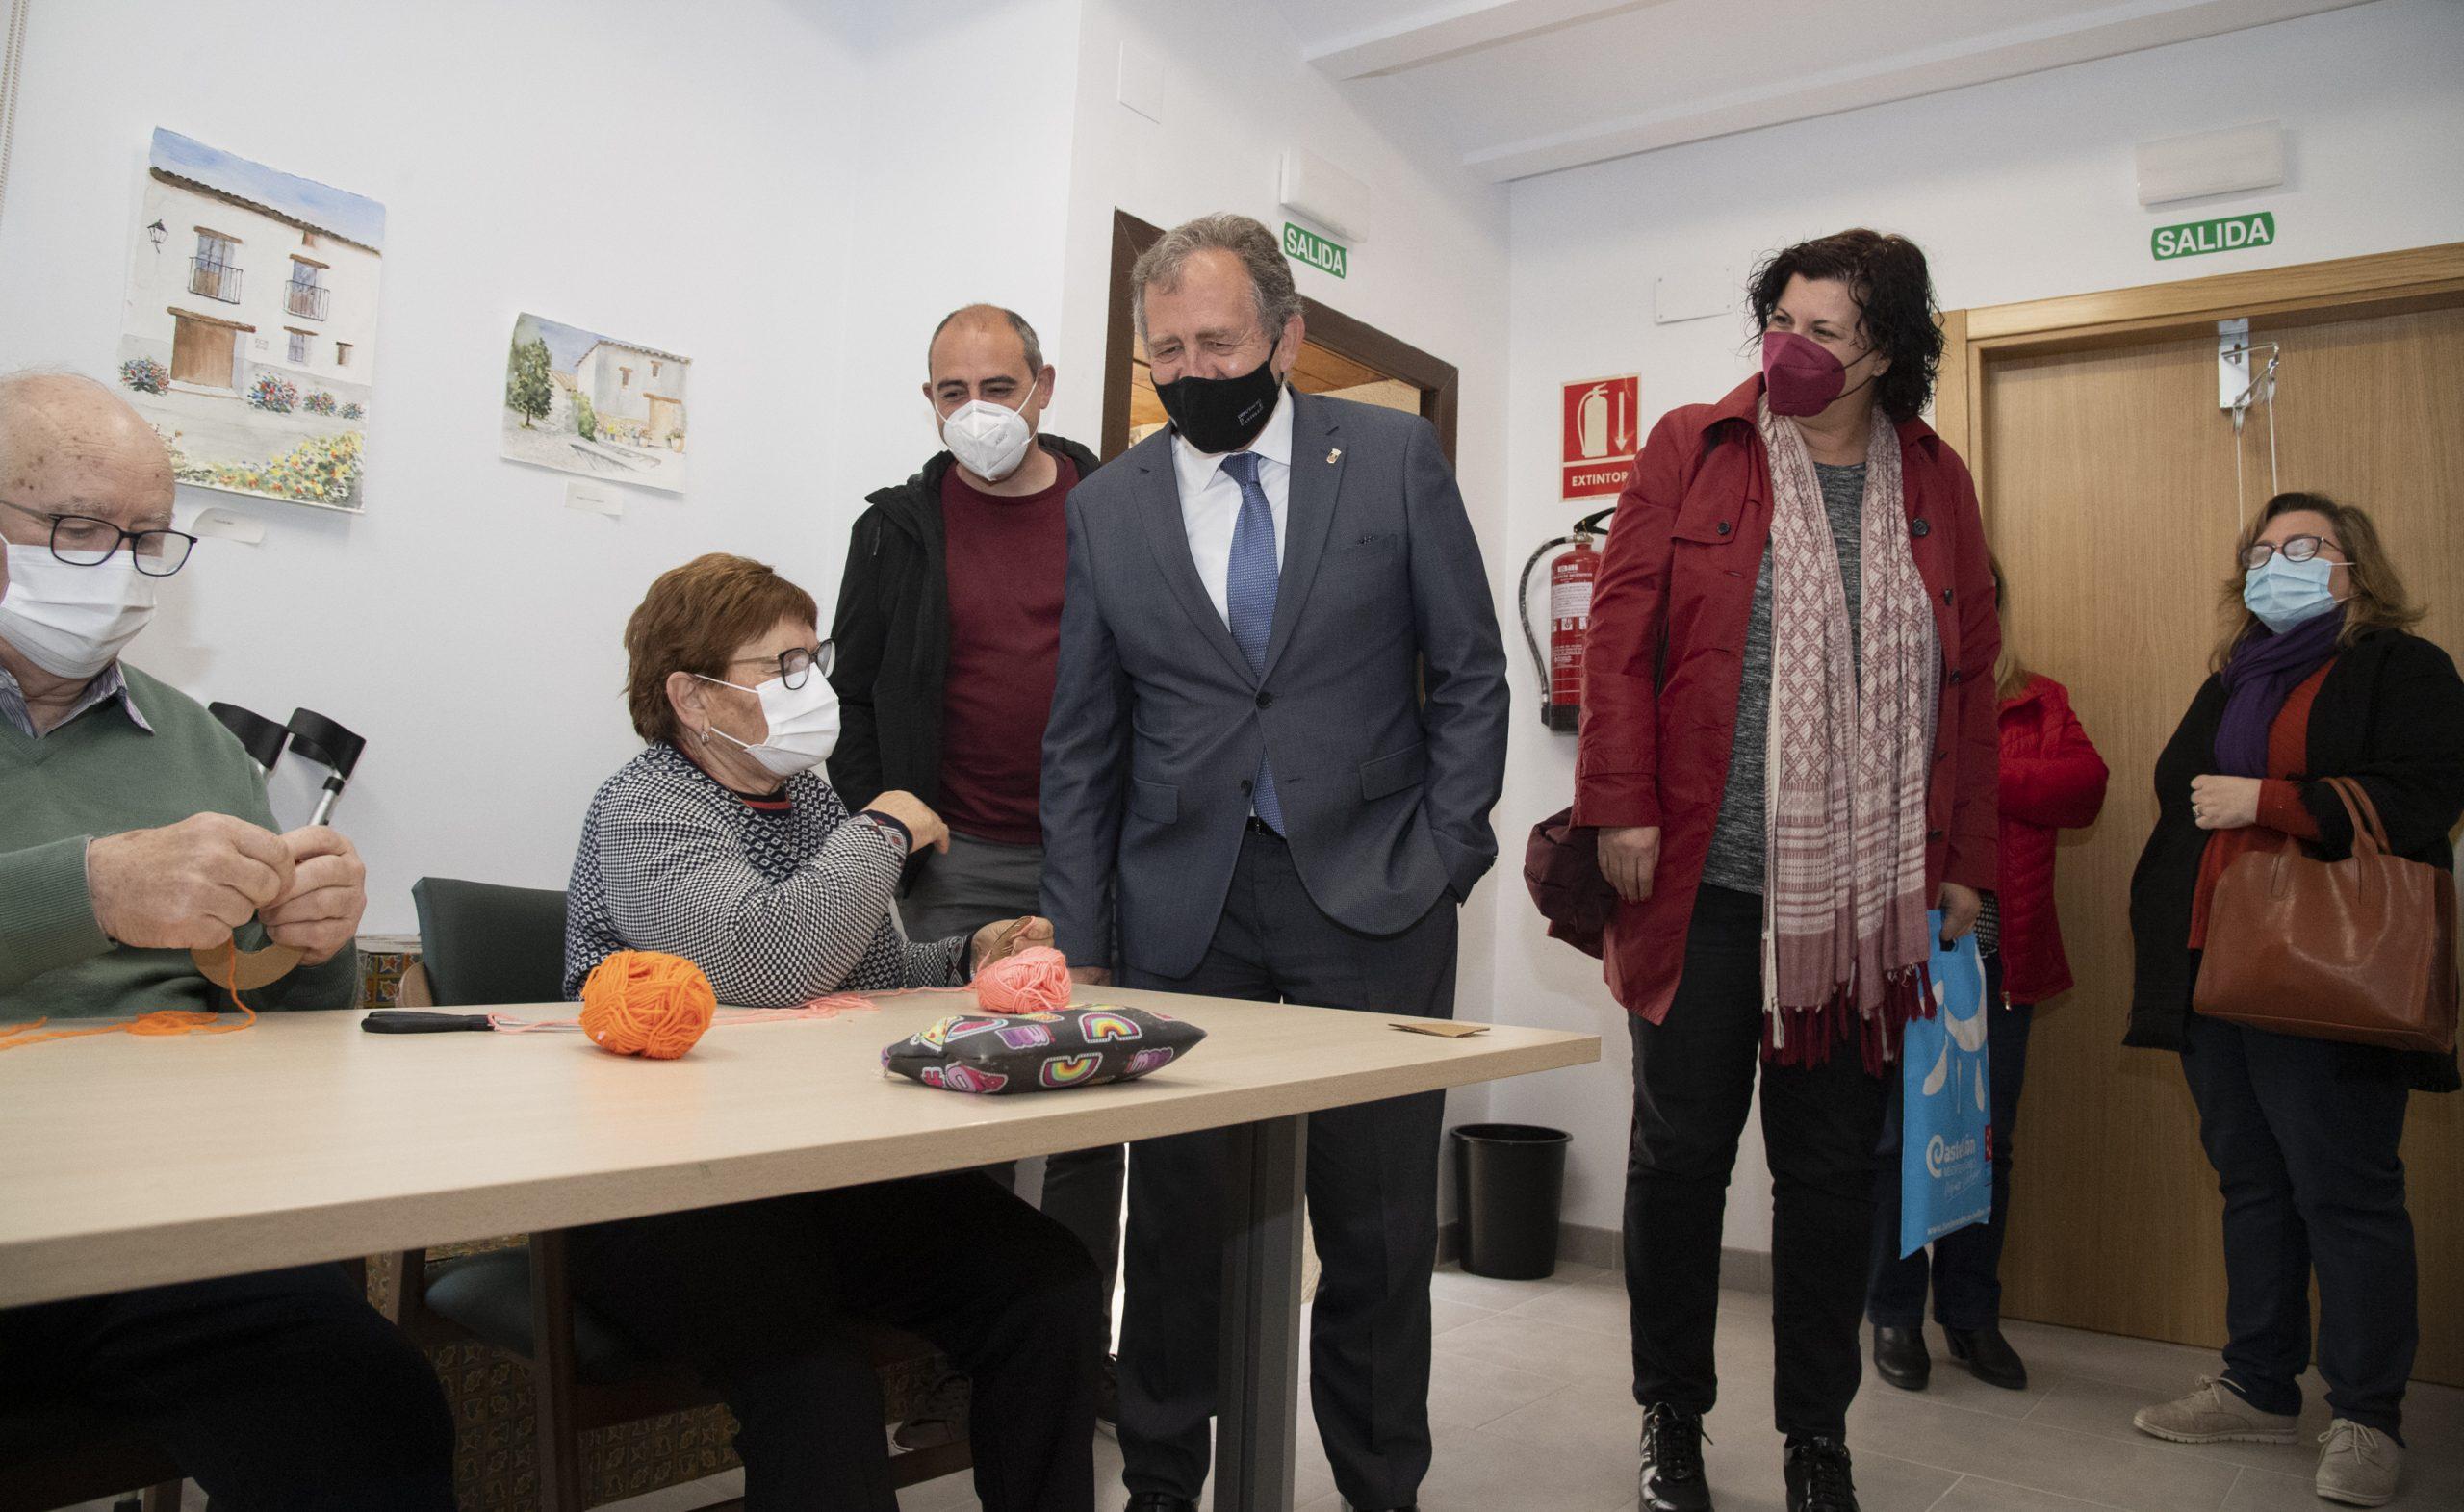 La Diputación de Castellón se suma al Fondo contra la Despoblación al aportar 1,5 millones de euros para los 86 ayuntamientos de la provincia